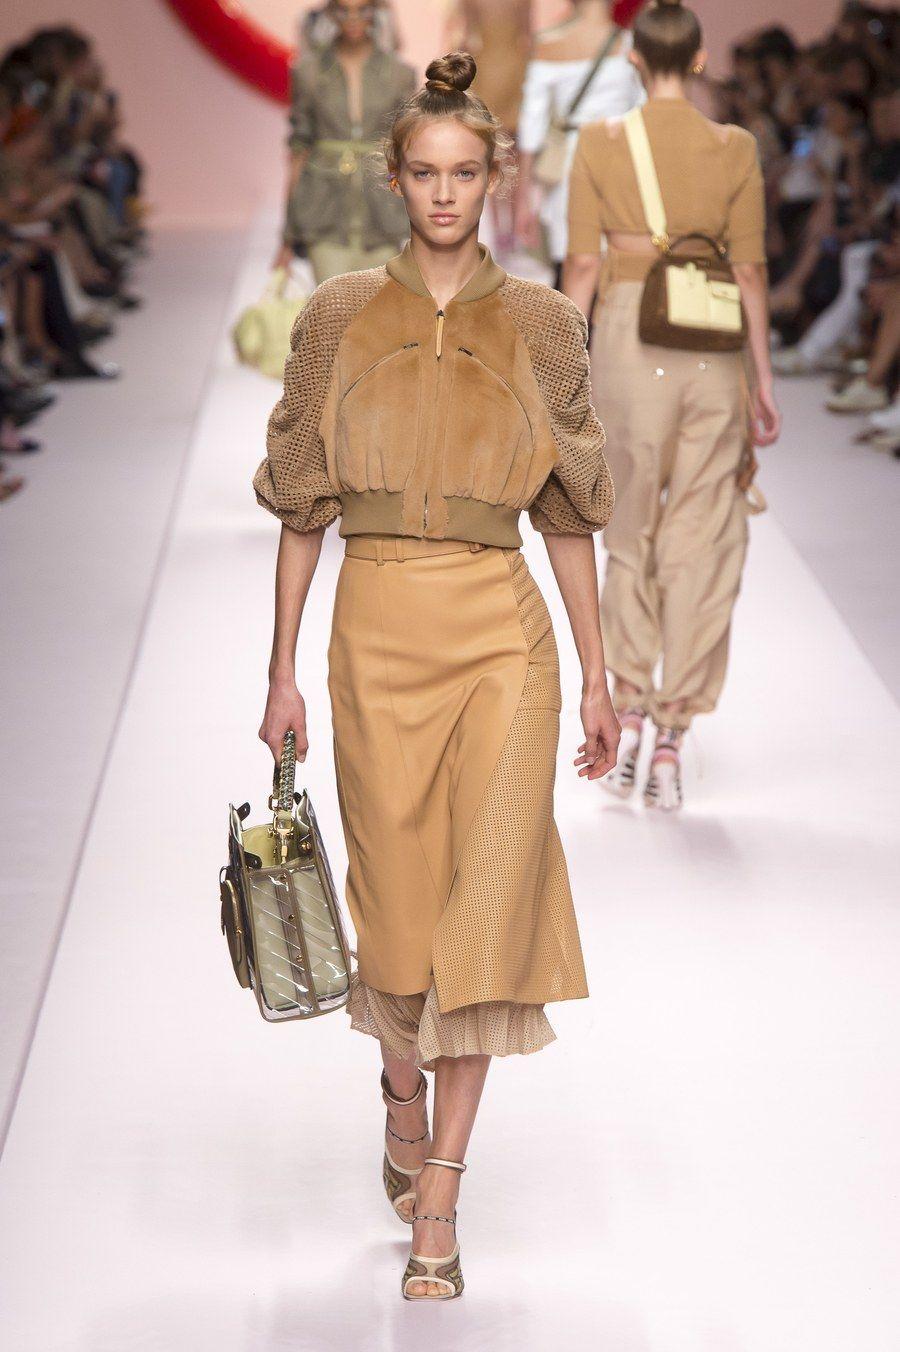 Смотреть Spring 2019 Couture: 22 образа в уличном стиле. Париж, Франция, наше время видео